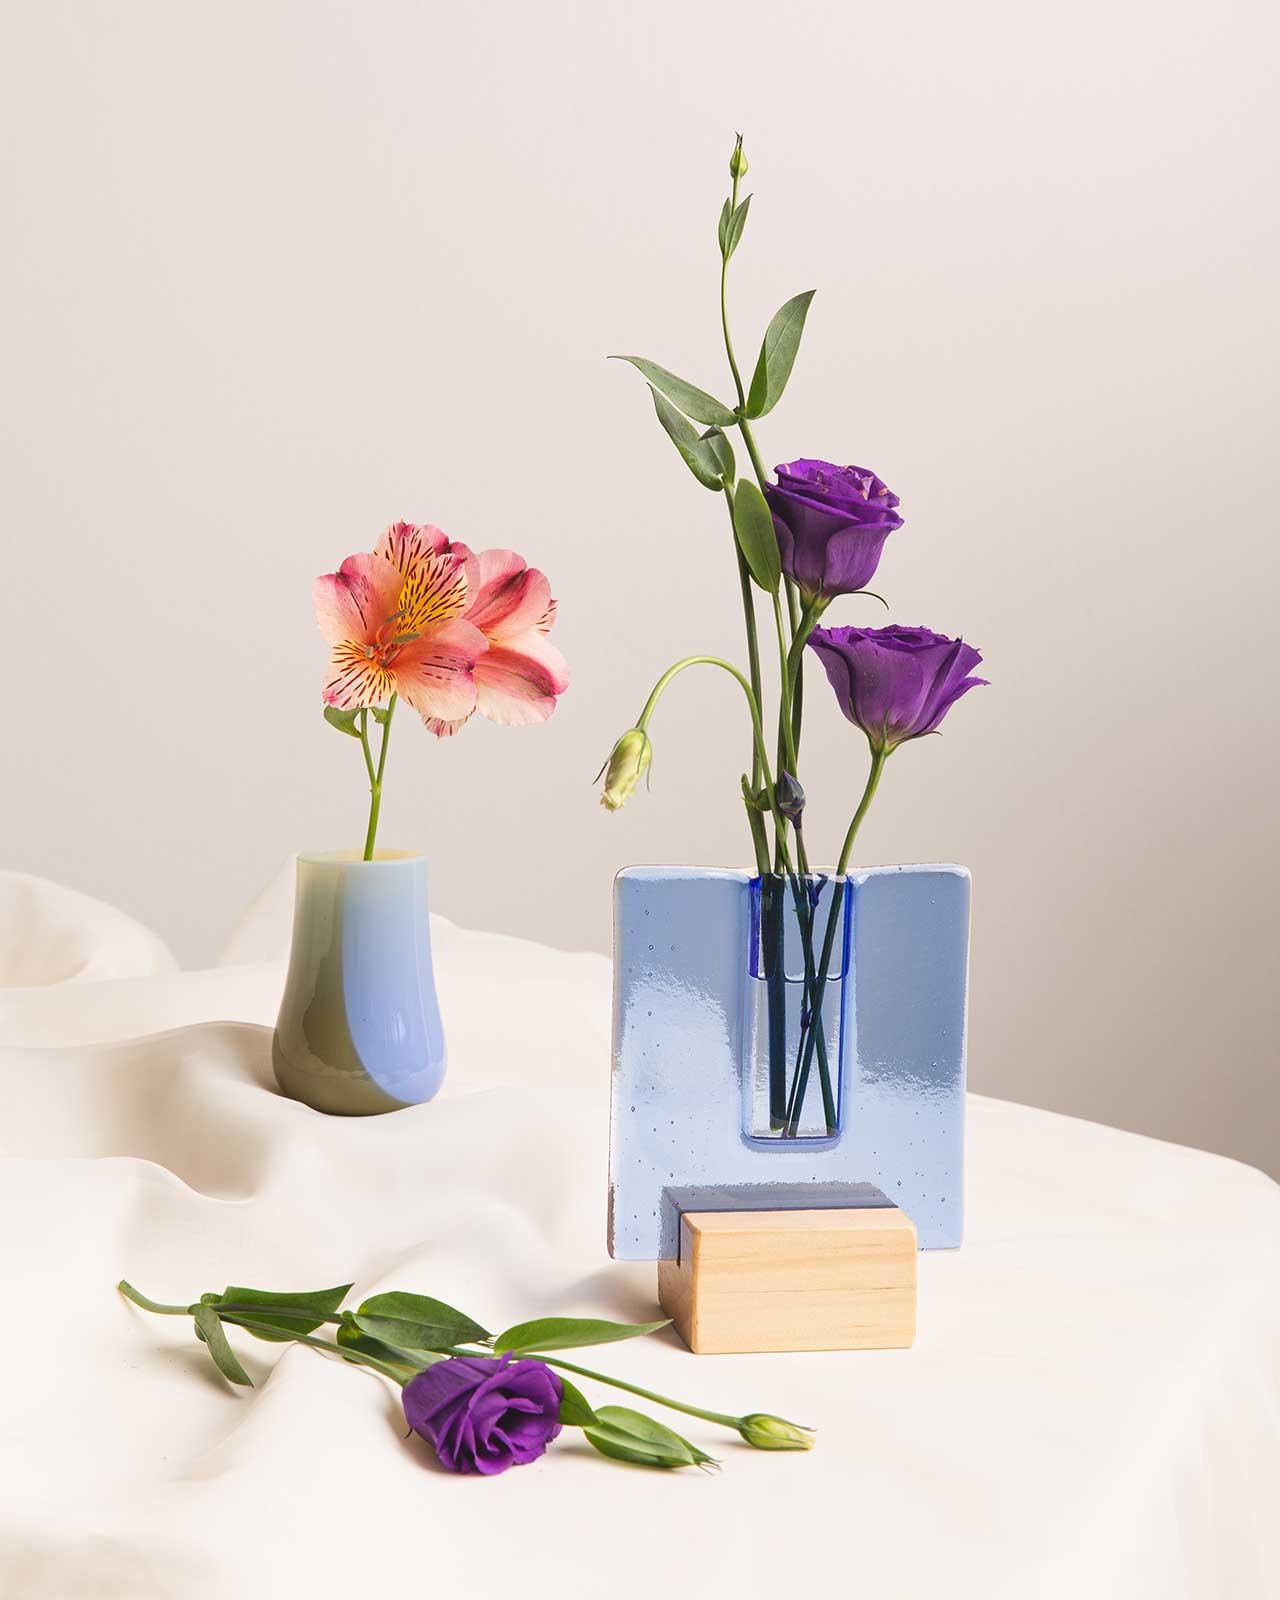 blue glass vases